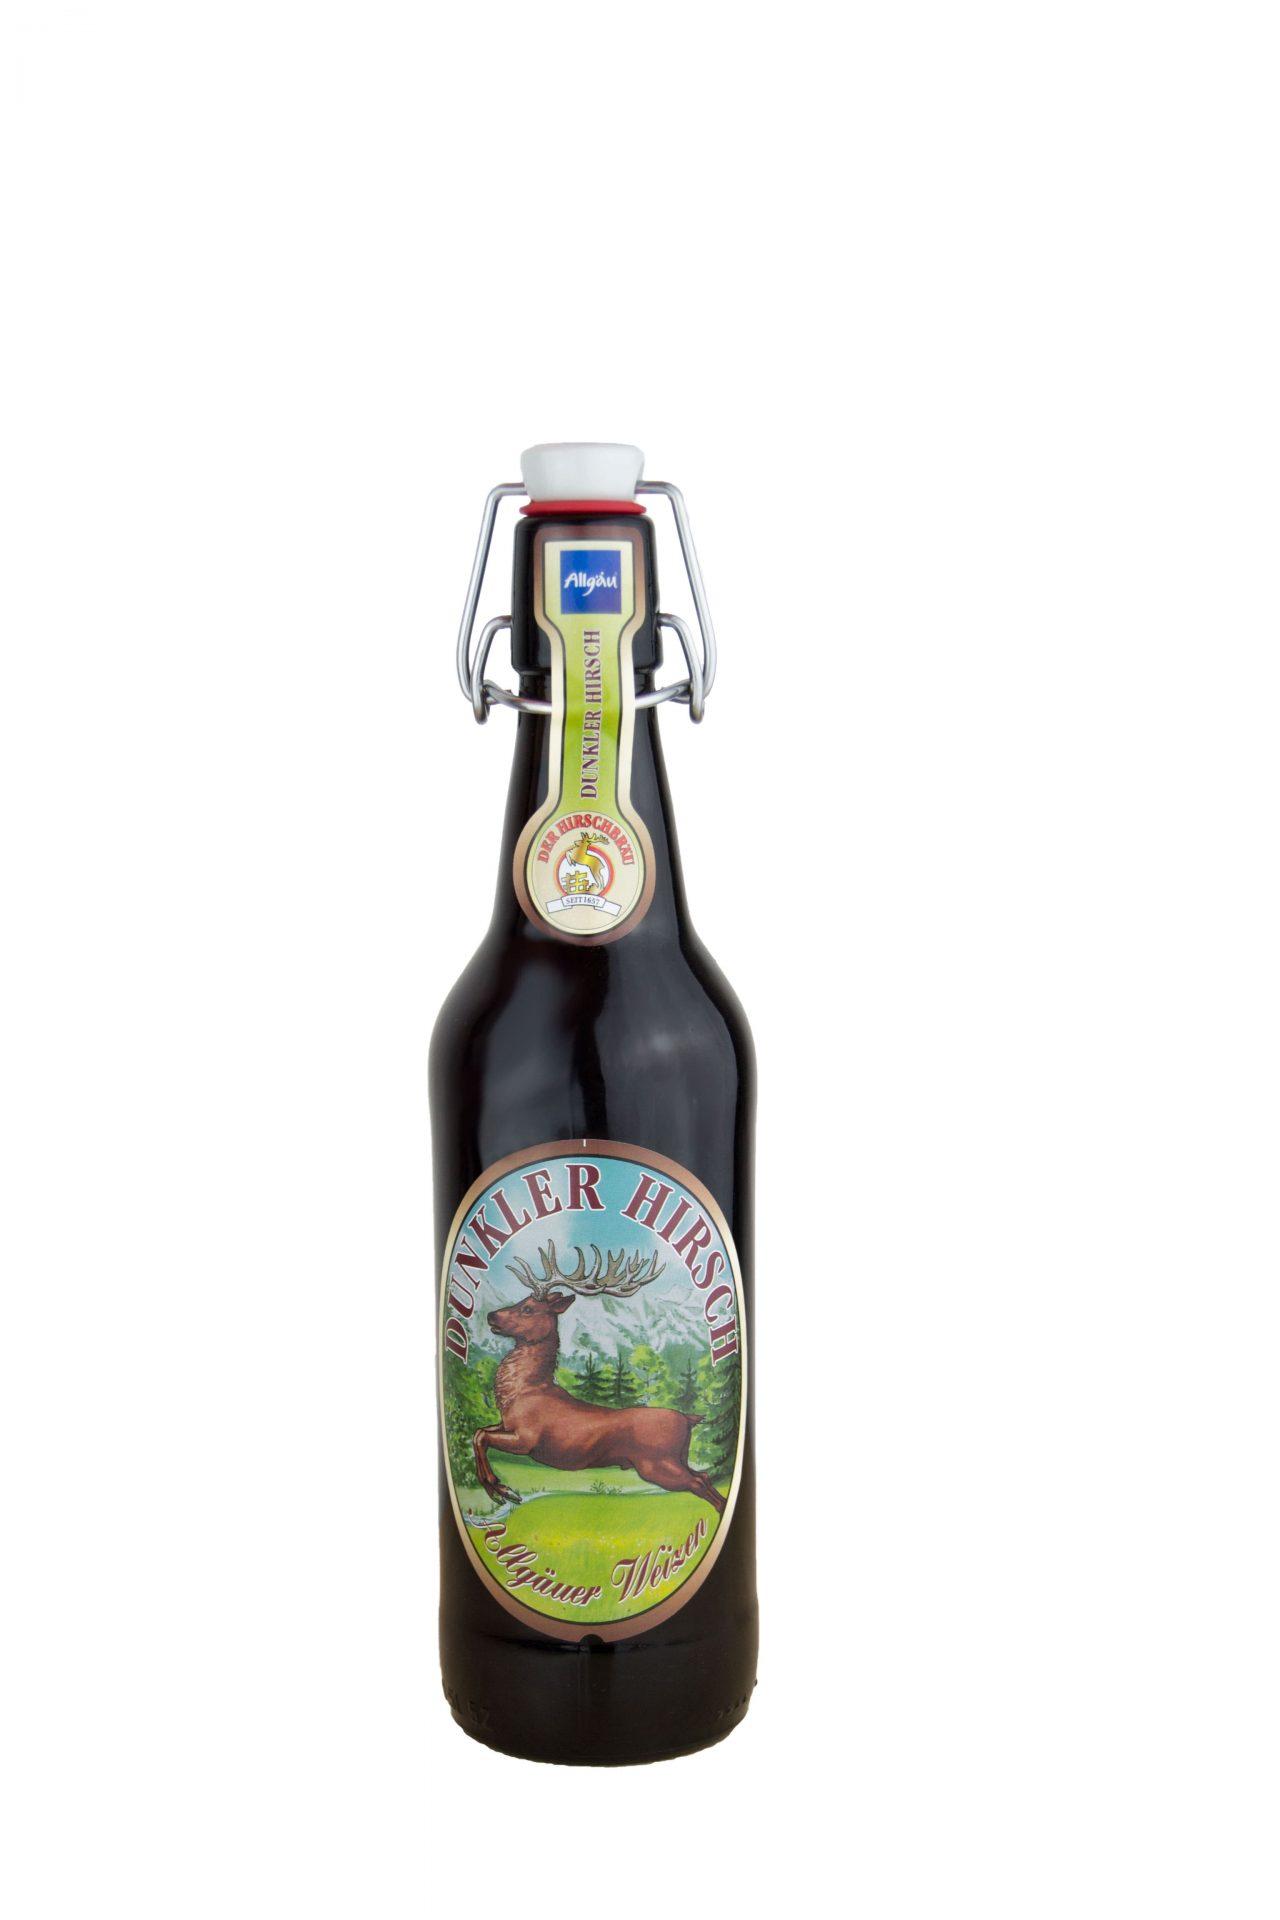 Höss Bier – Dunkler Hirsch